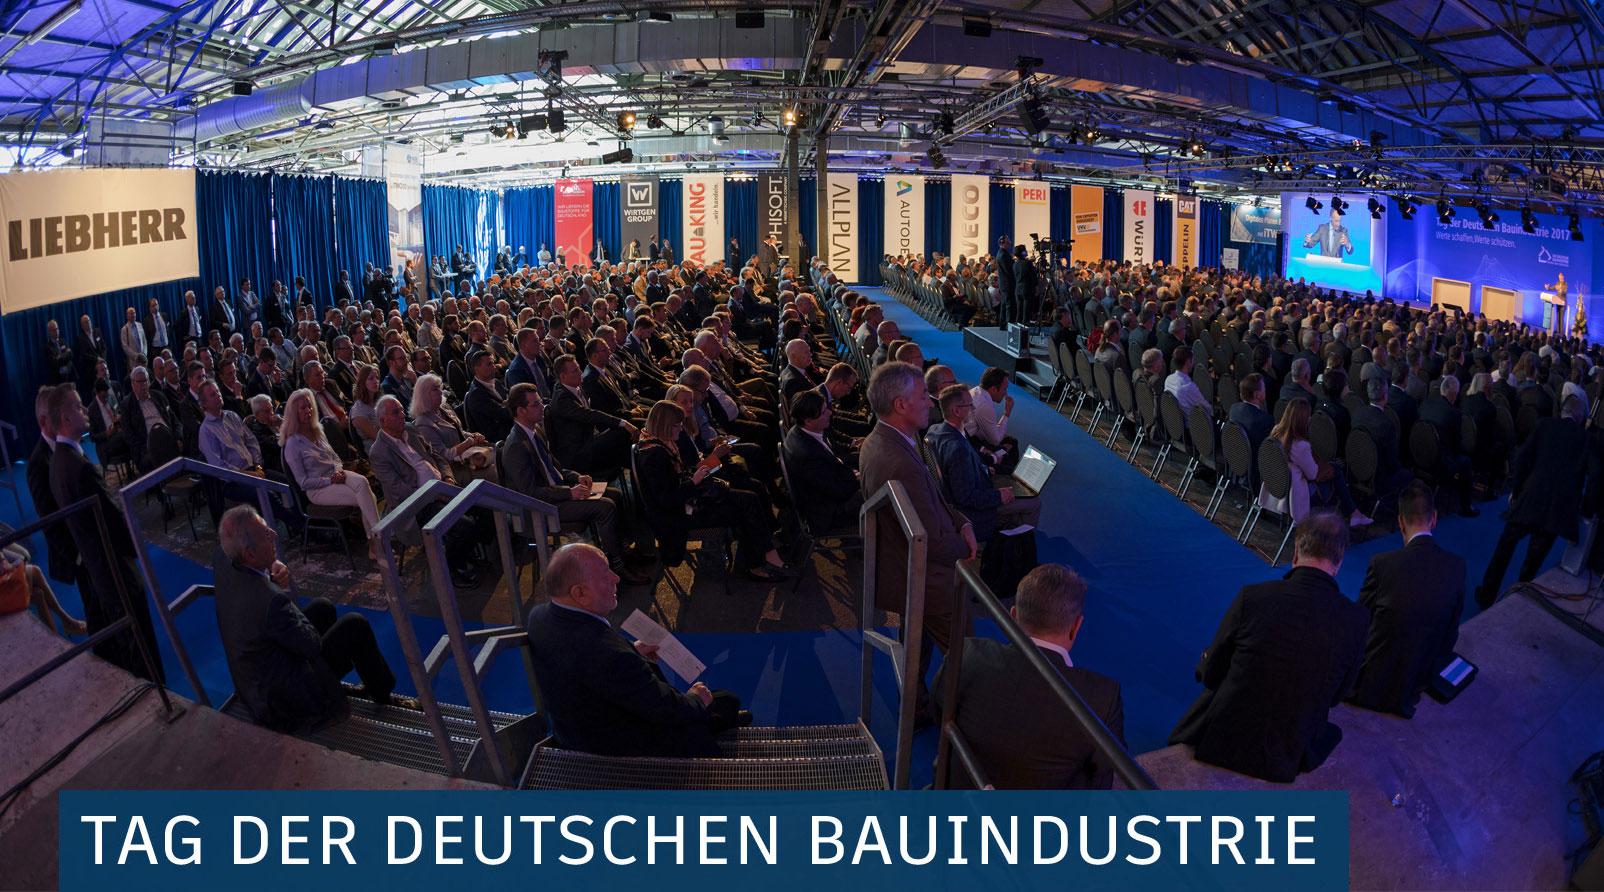 Tag der deutschen Bauindustrie